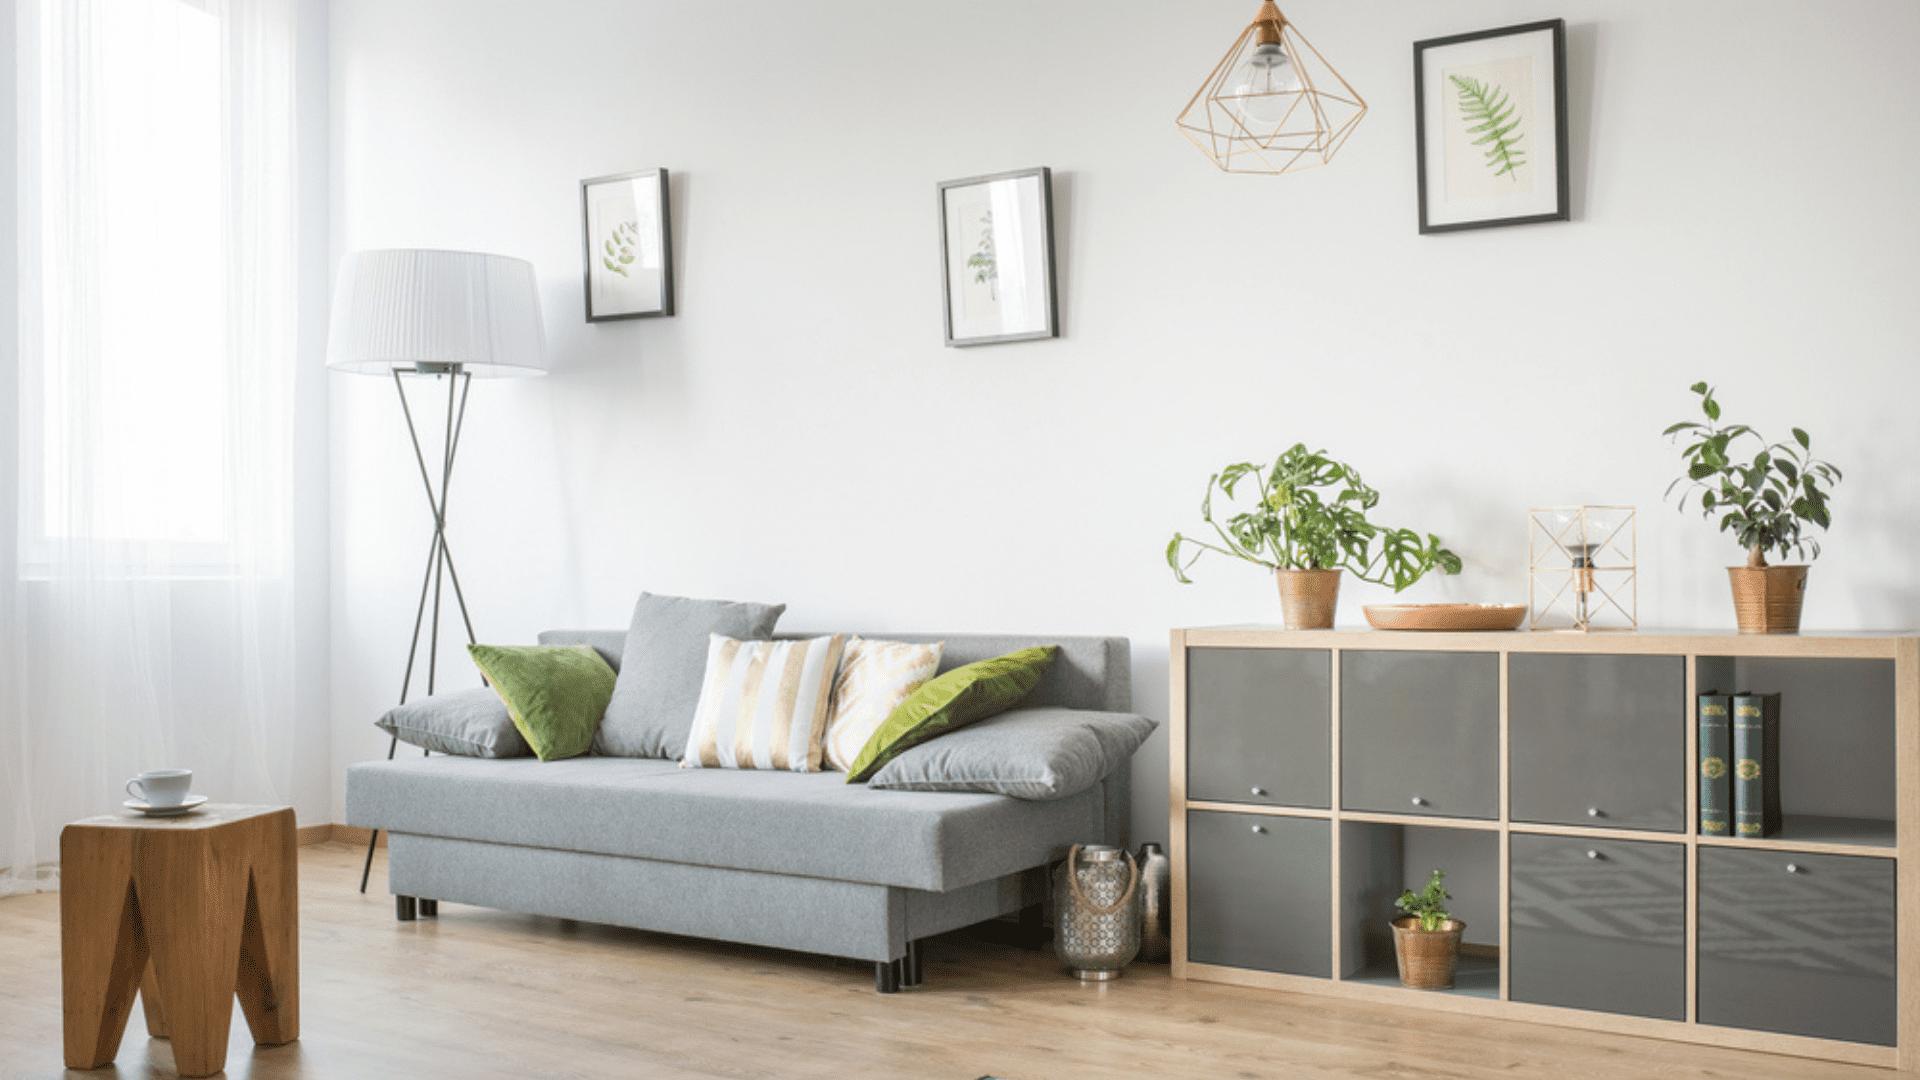 Invista em sofás mais funcionais, como os retráteis (Imagem: Reprodução/Shutterstock)